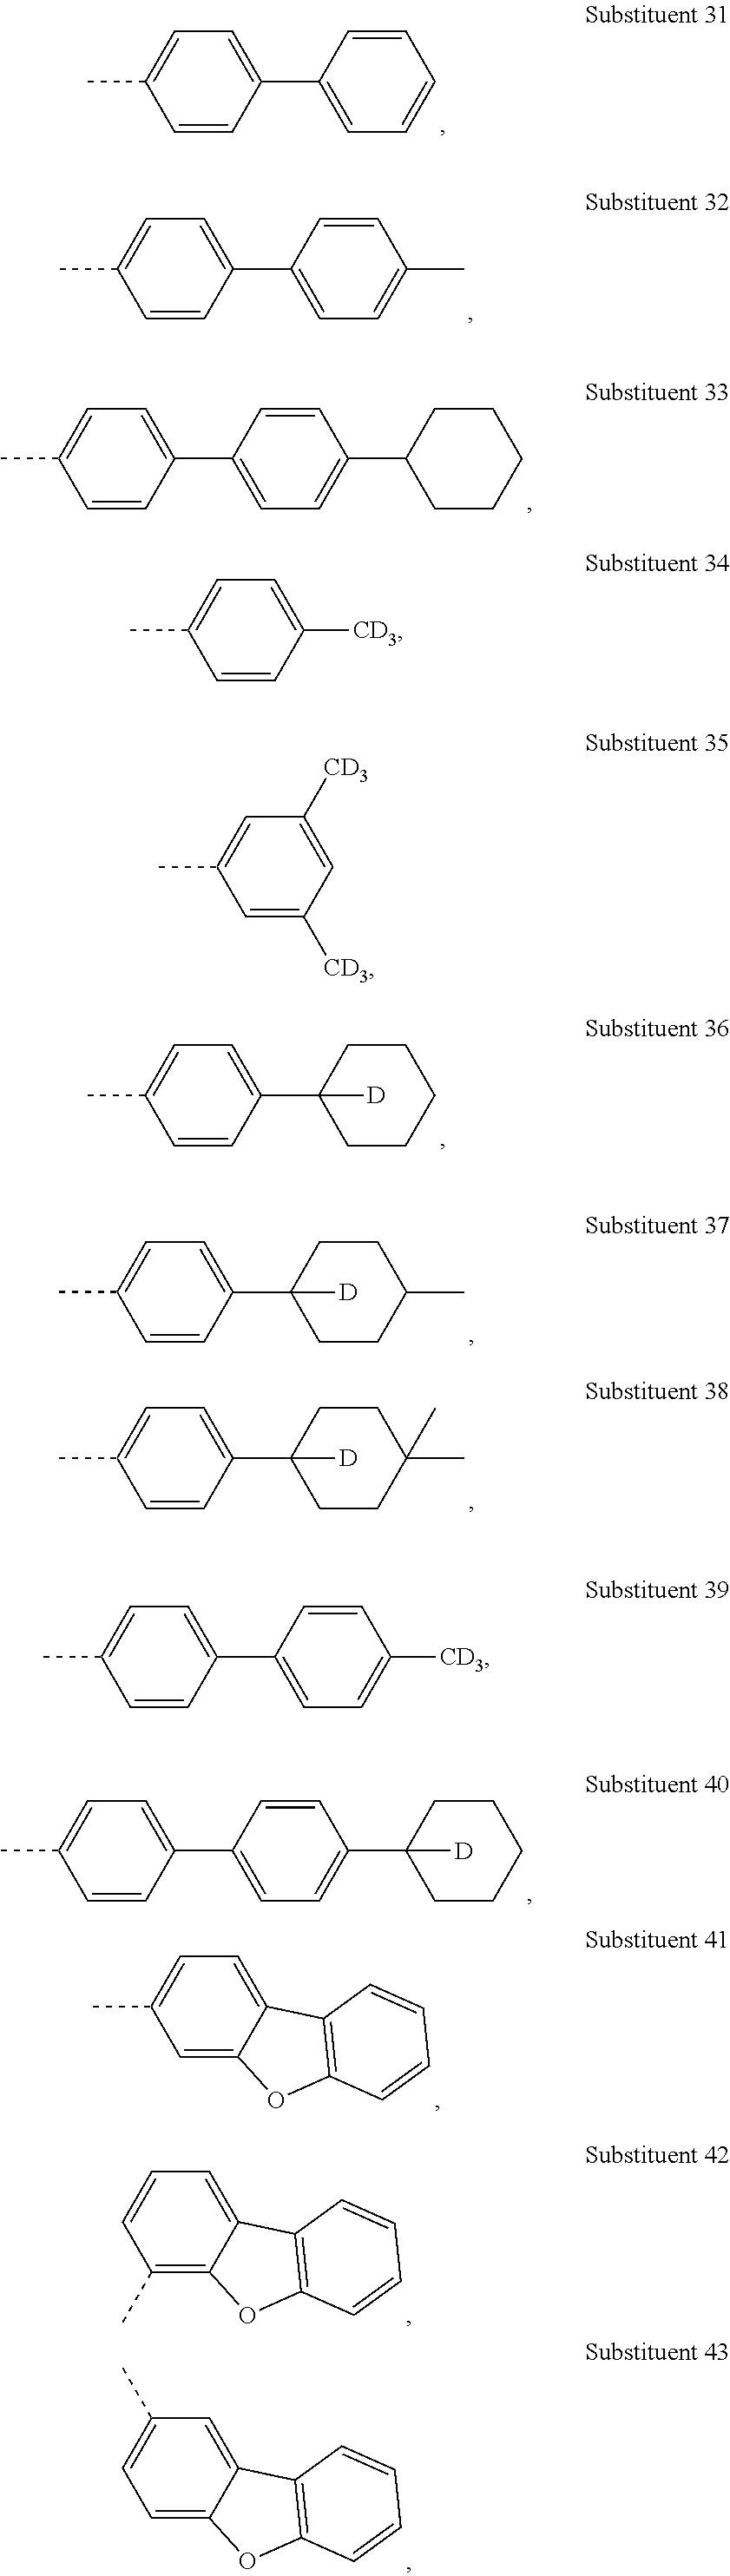 Figure US20170365801A1-20171221-C00018